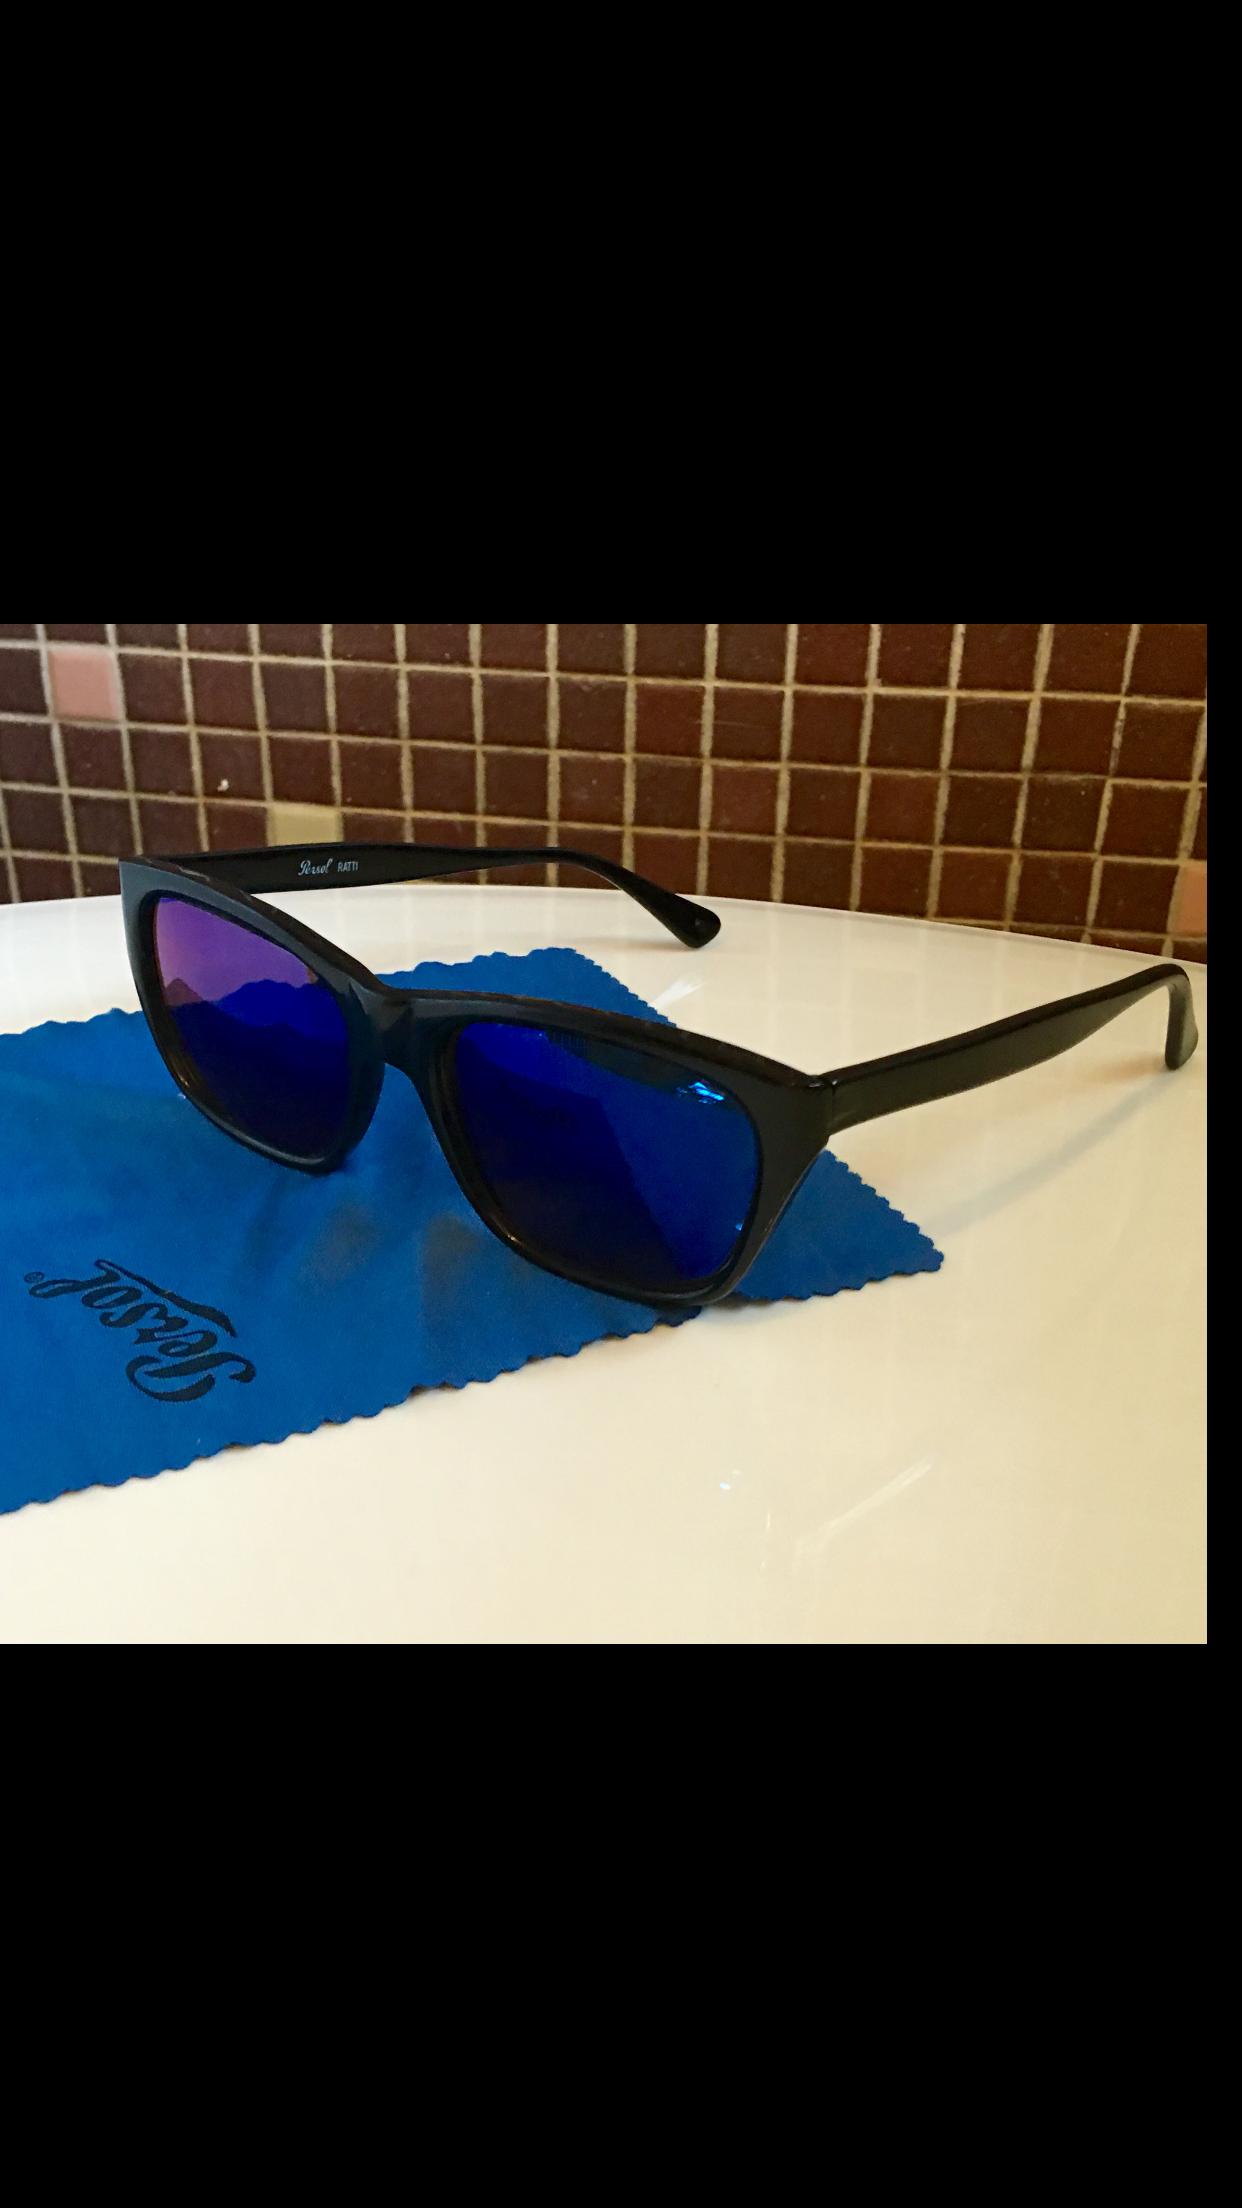 e63e0659b4da2 My Crockett Style Sunglass Collection - Page 3 - Miami Vice Fashion ...